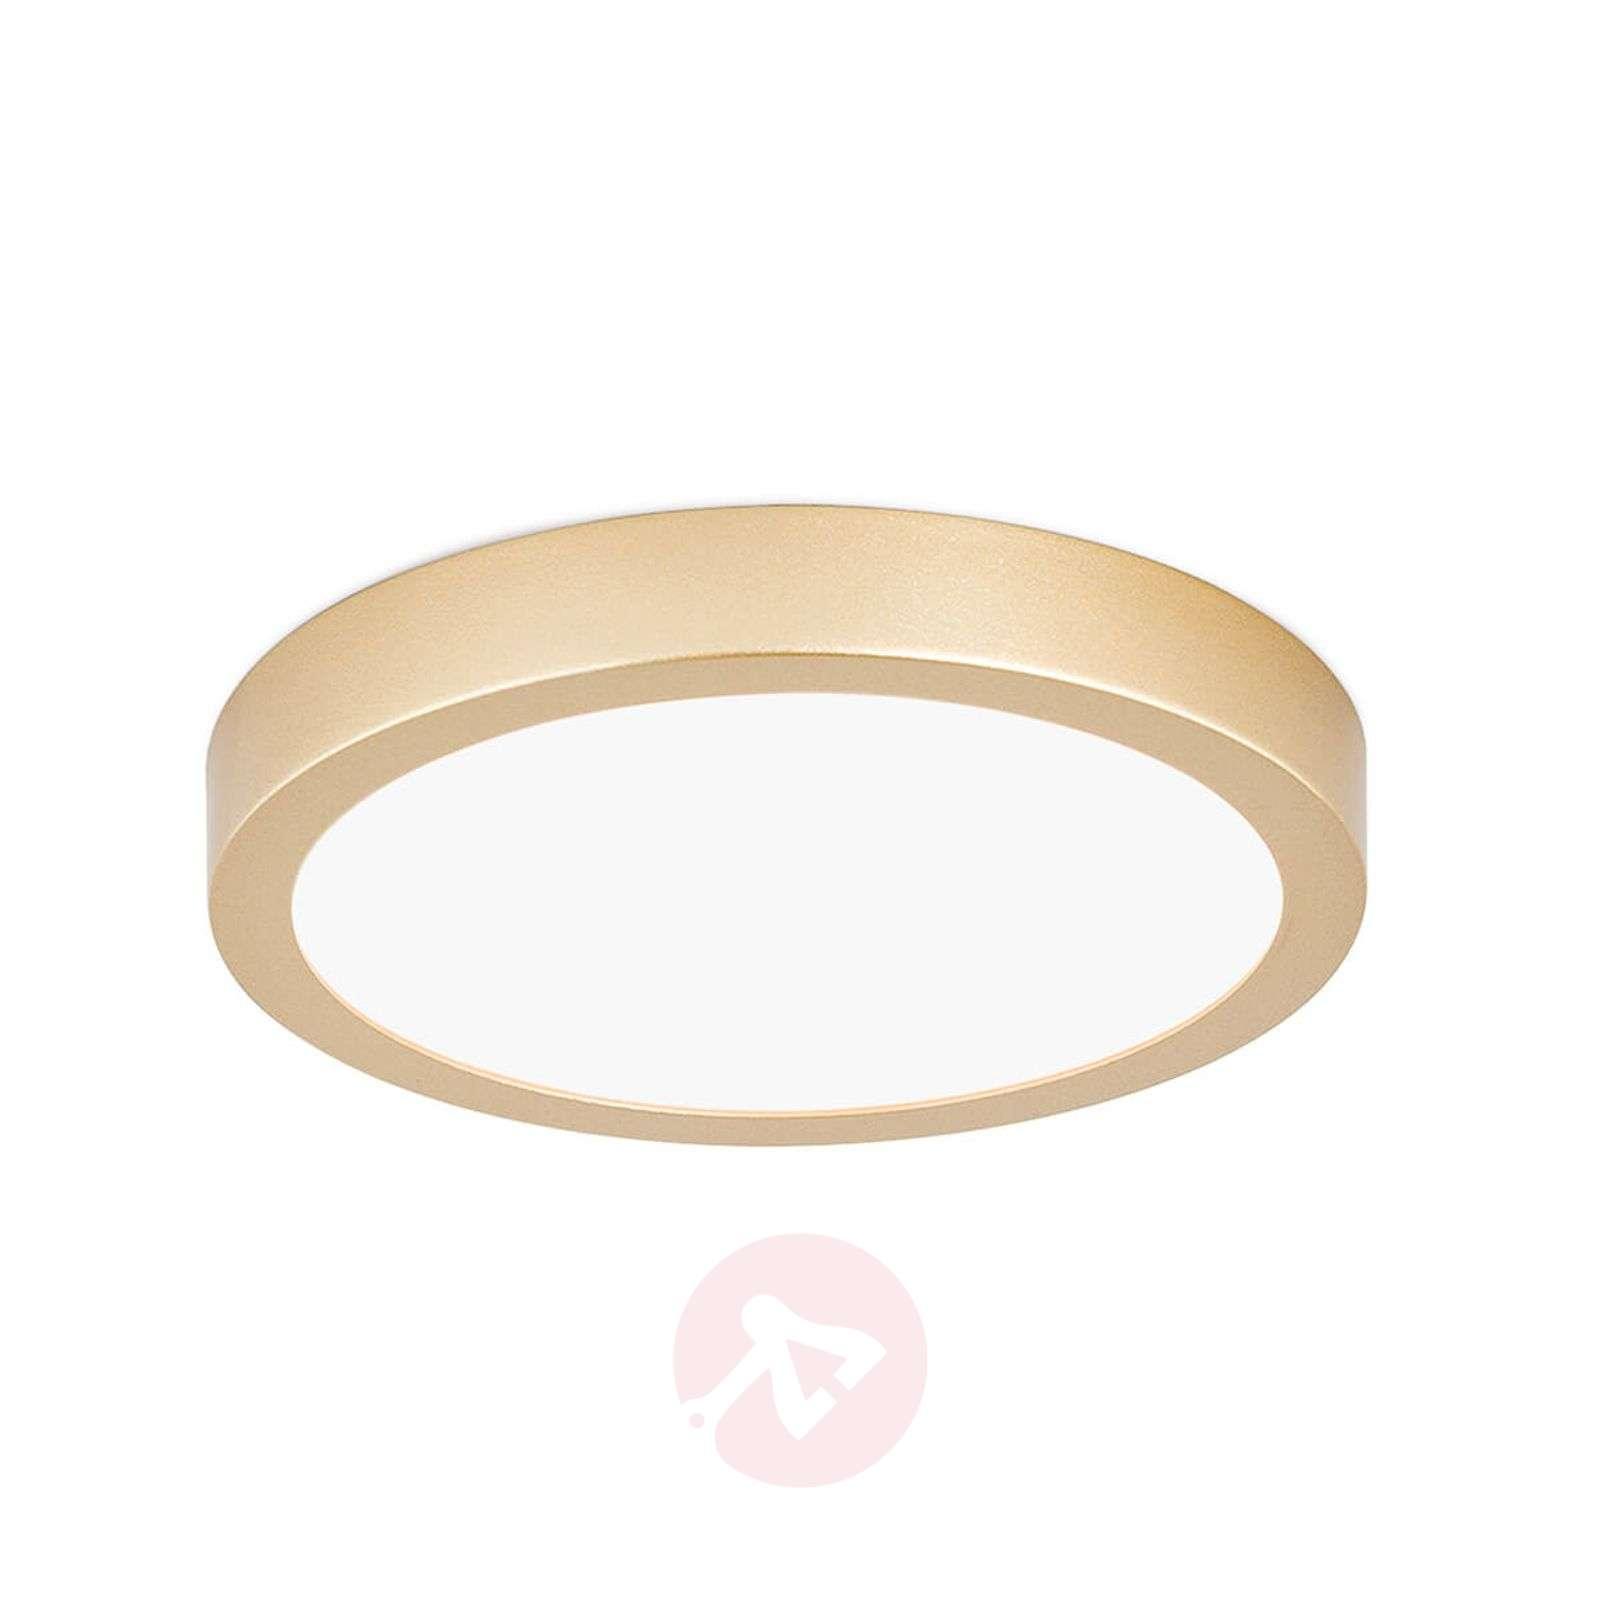 Pyöreä LED-kattovalaisin Vika, matta kulta-7255272X-01